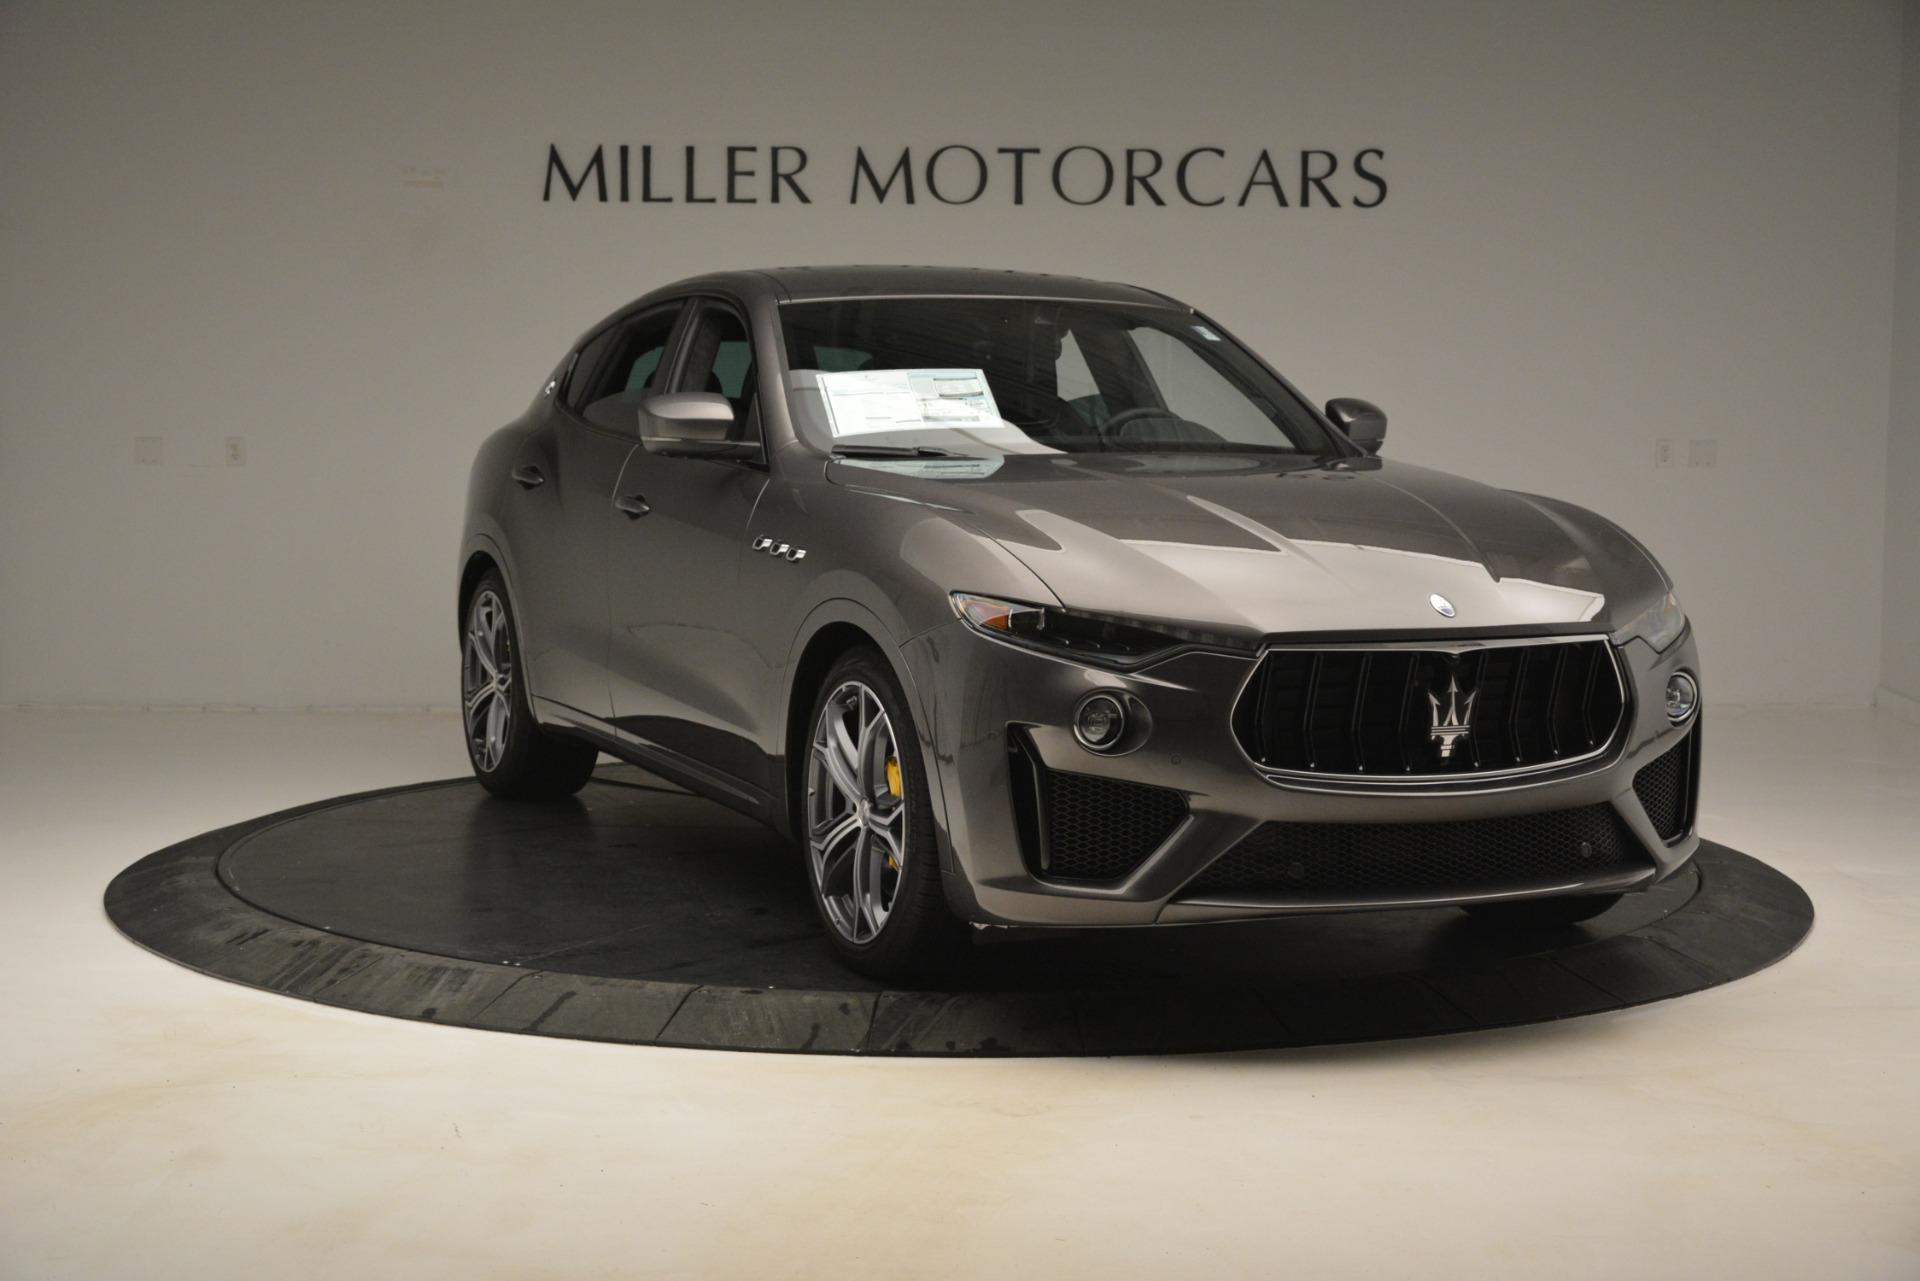 New 2019 Maserati Levante GTS For Sale In Greenwich, CT 3015_p11